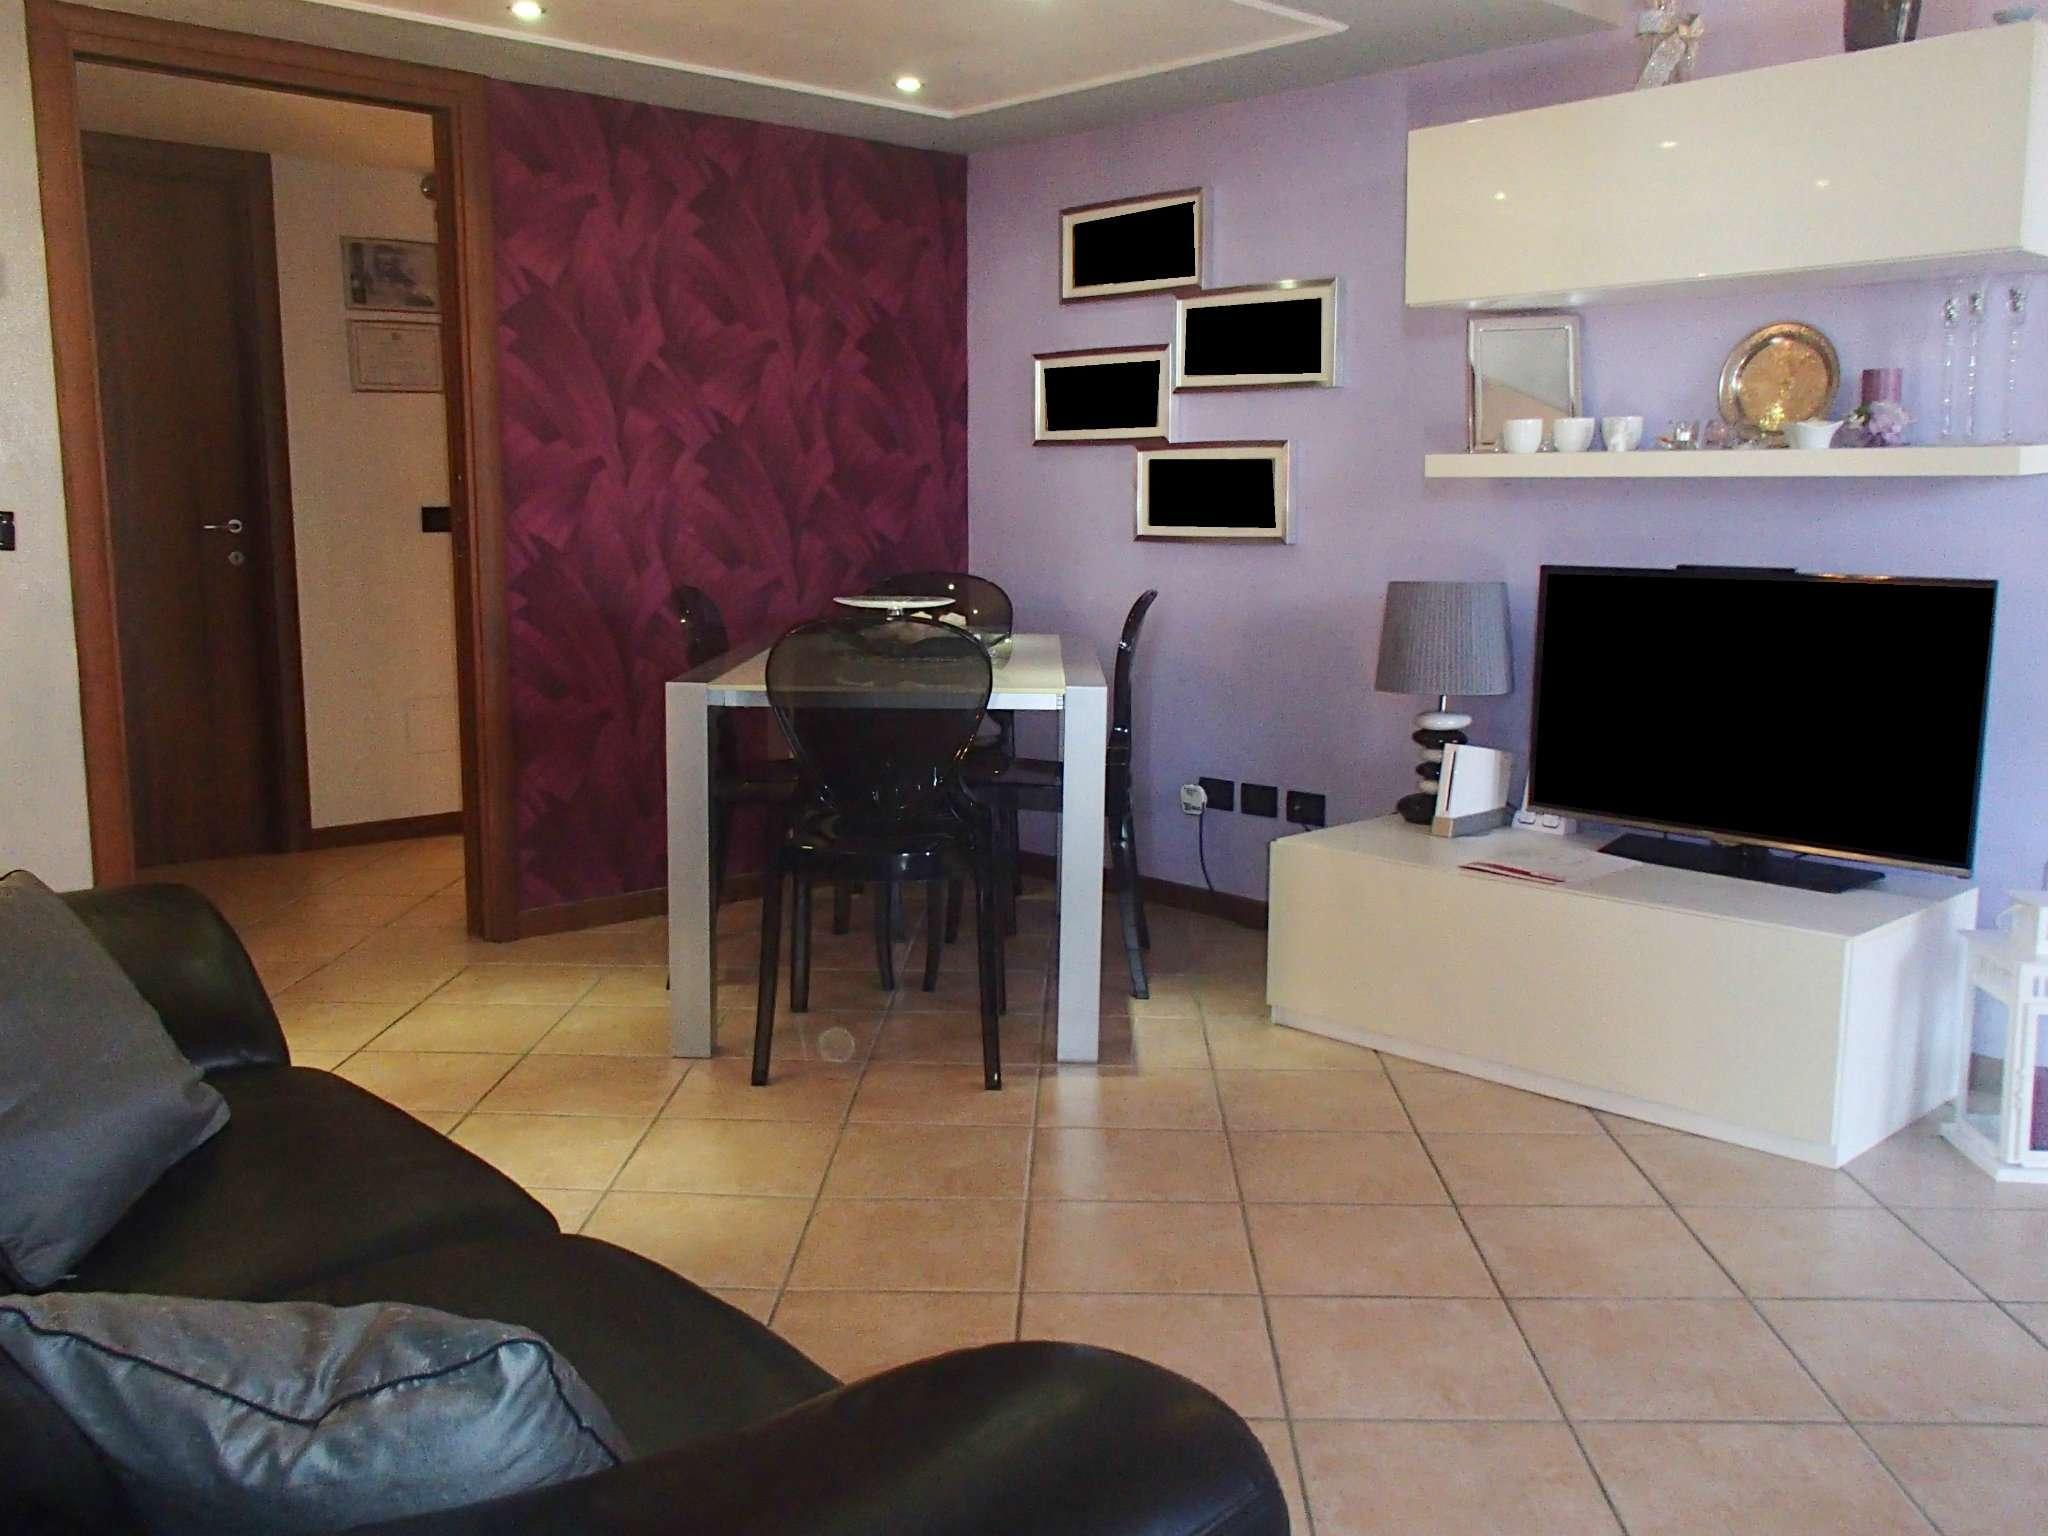 Appartamento in vendita a Landriano, 4 locali, prezzo € 165.000 | CambioCasa.it